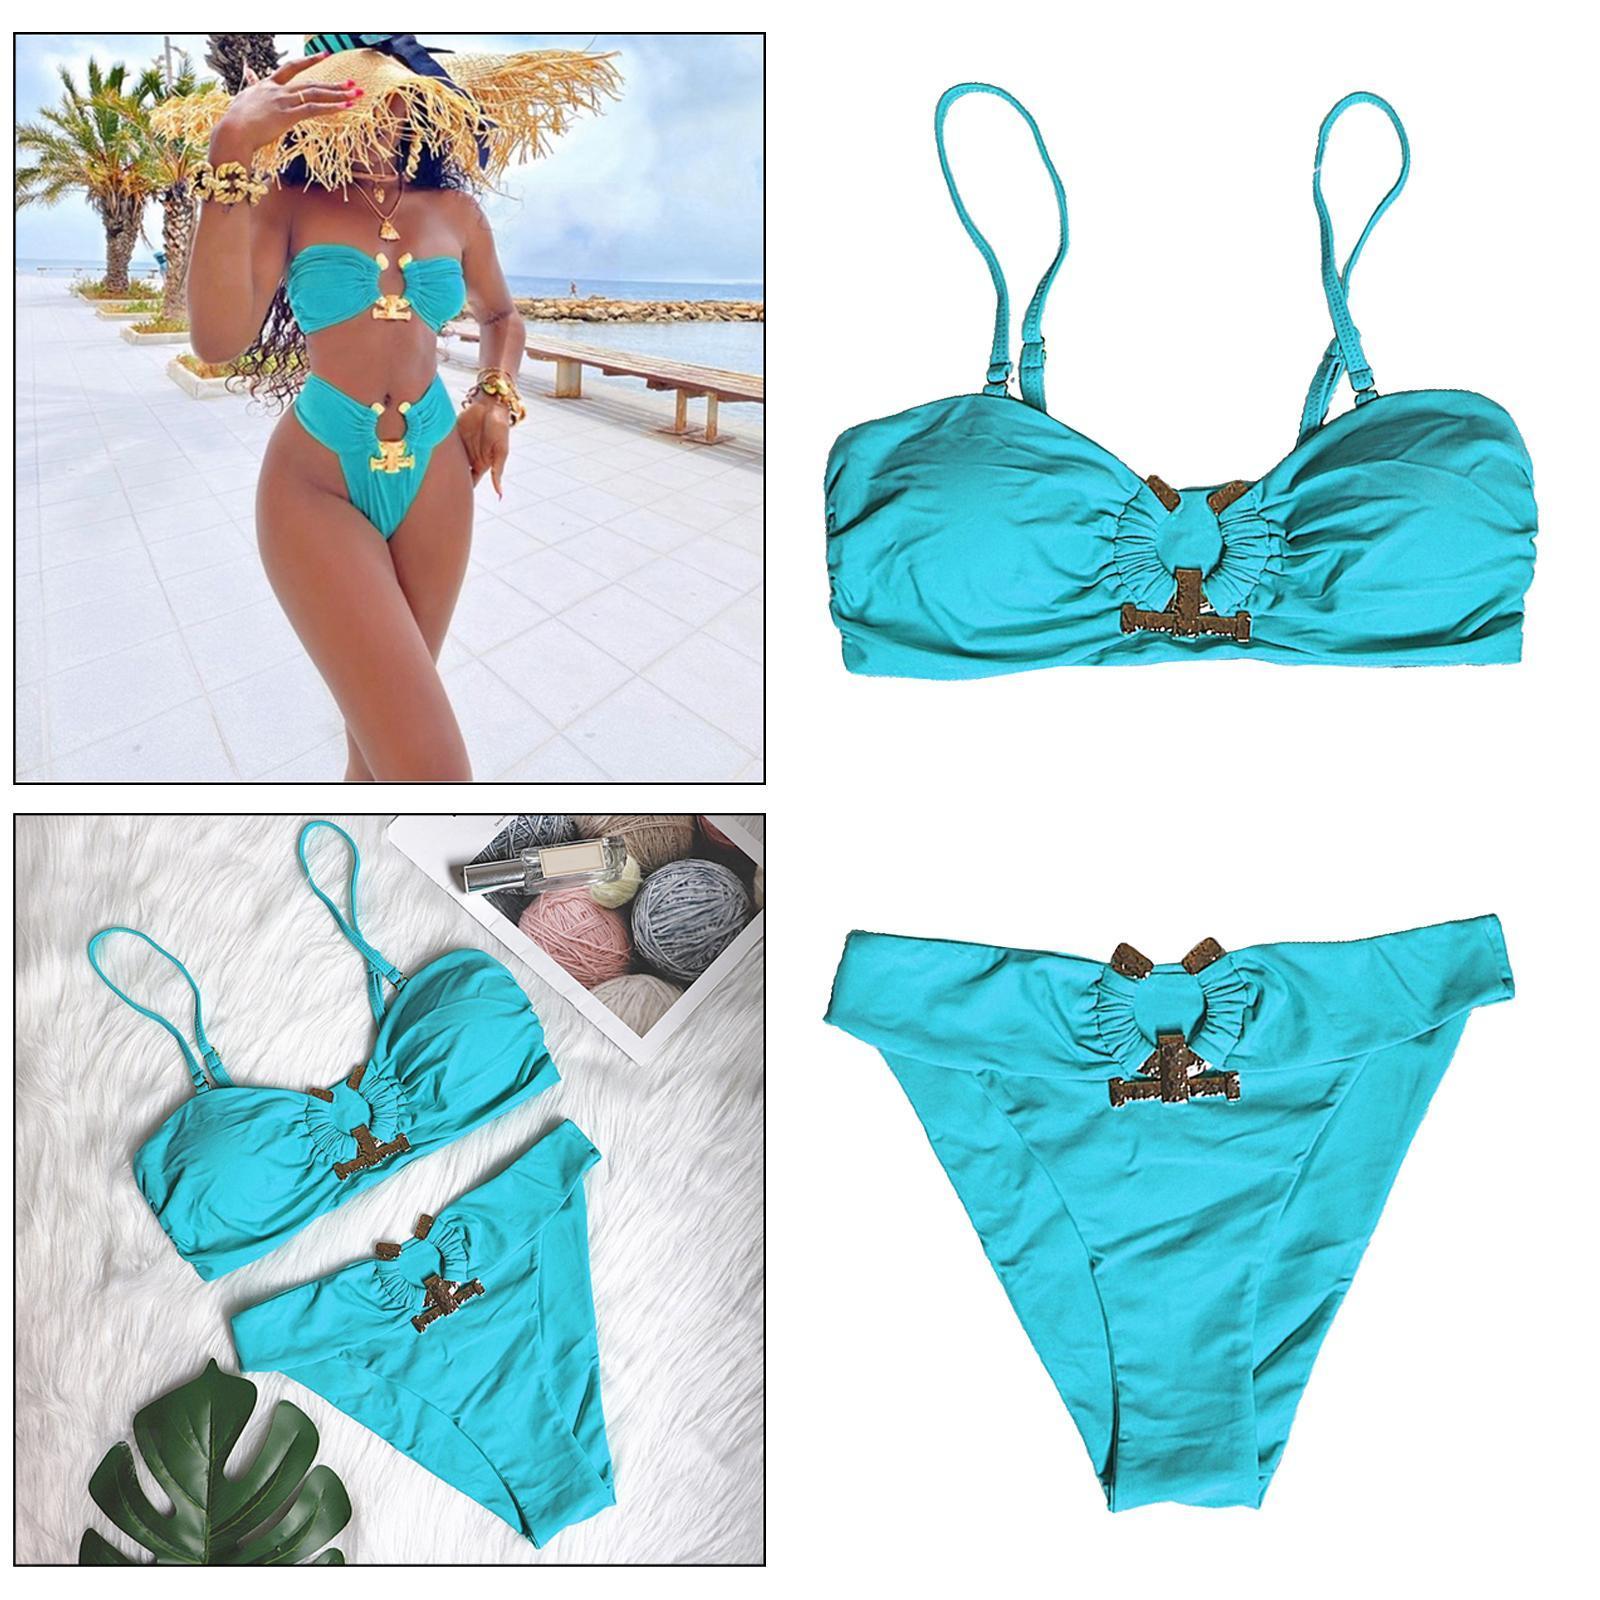 Indexbild 132 - Zwei Stücke Bikini Set Strappy Bademode Party Badeanzug Tankini Bademode